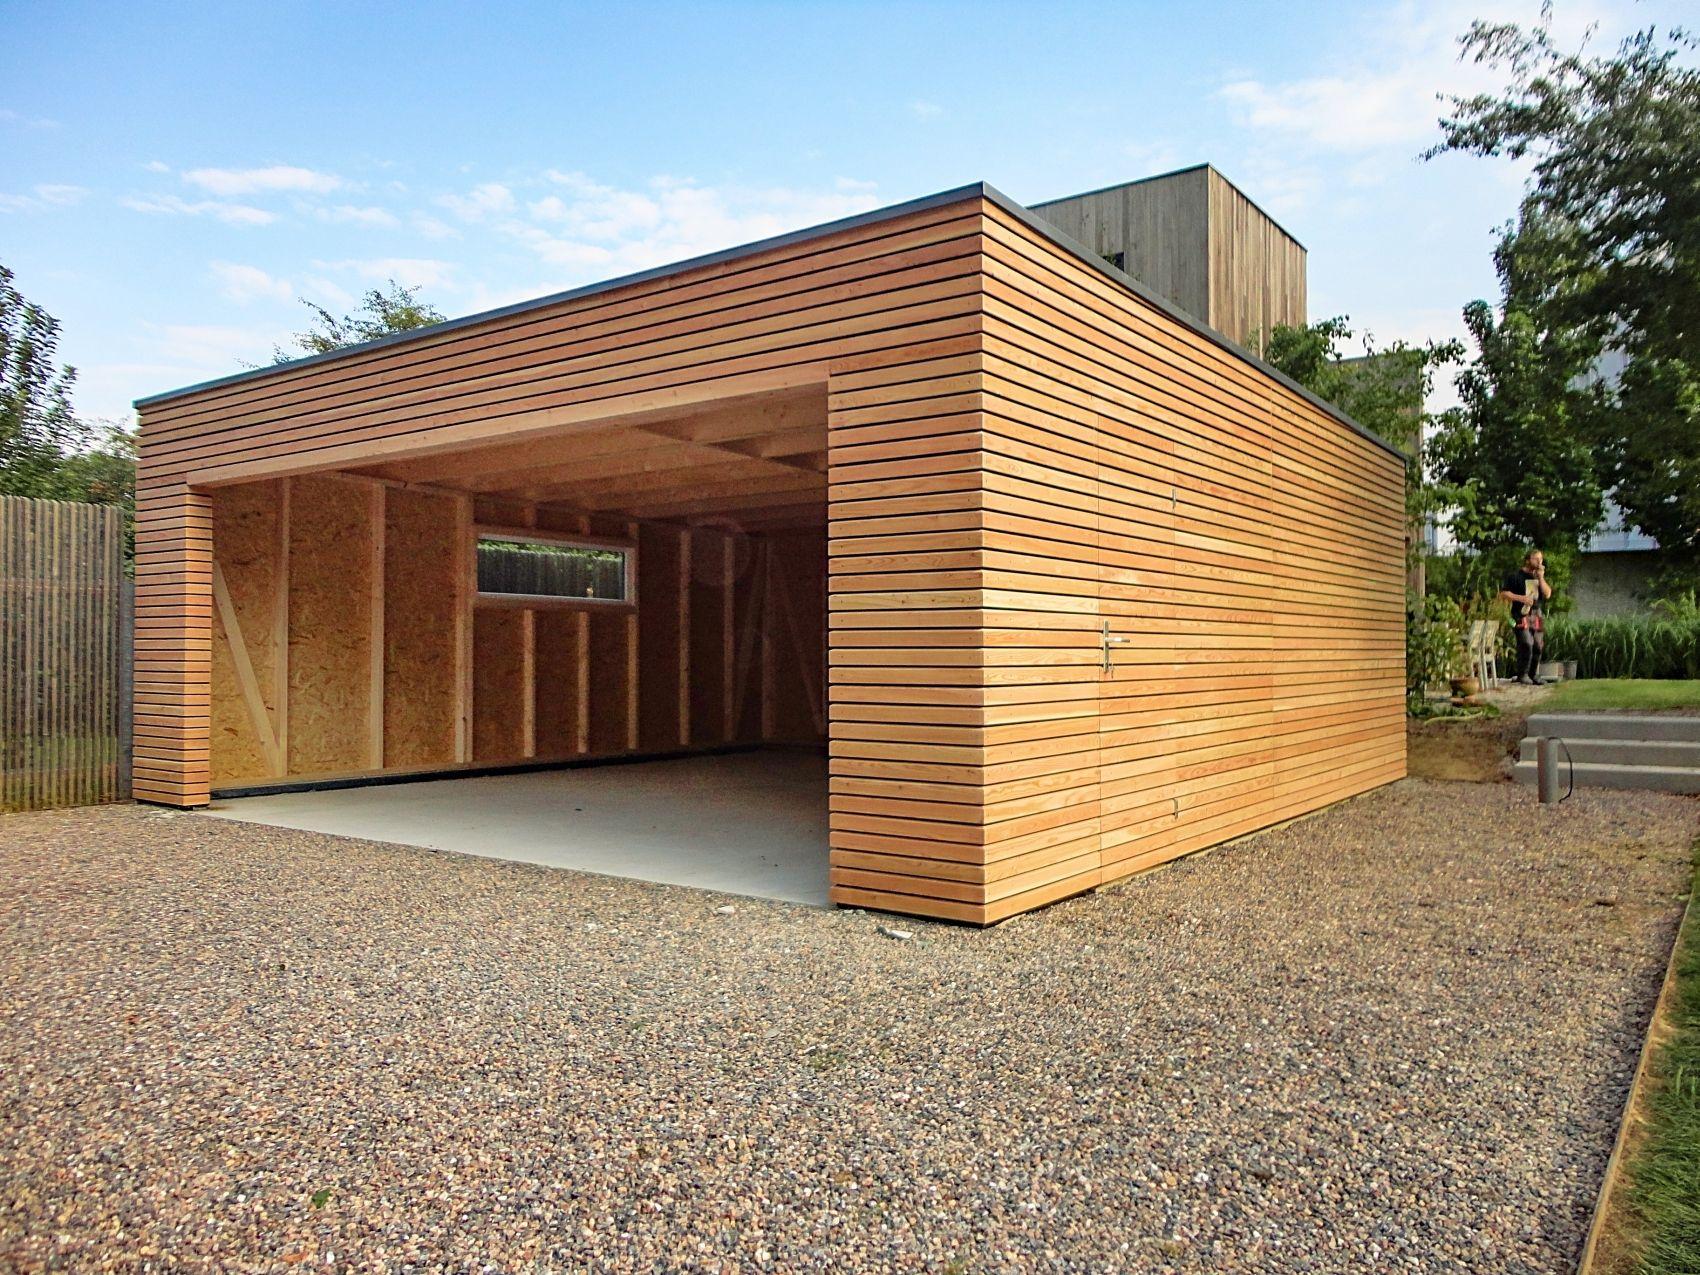 Montierte Garage Lärche Holzgarage, Doppelgarage